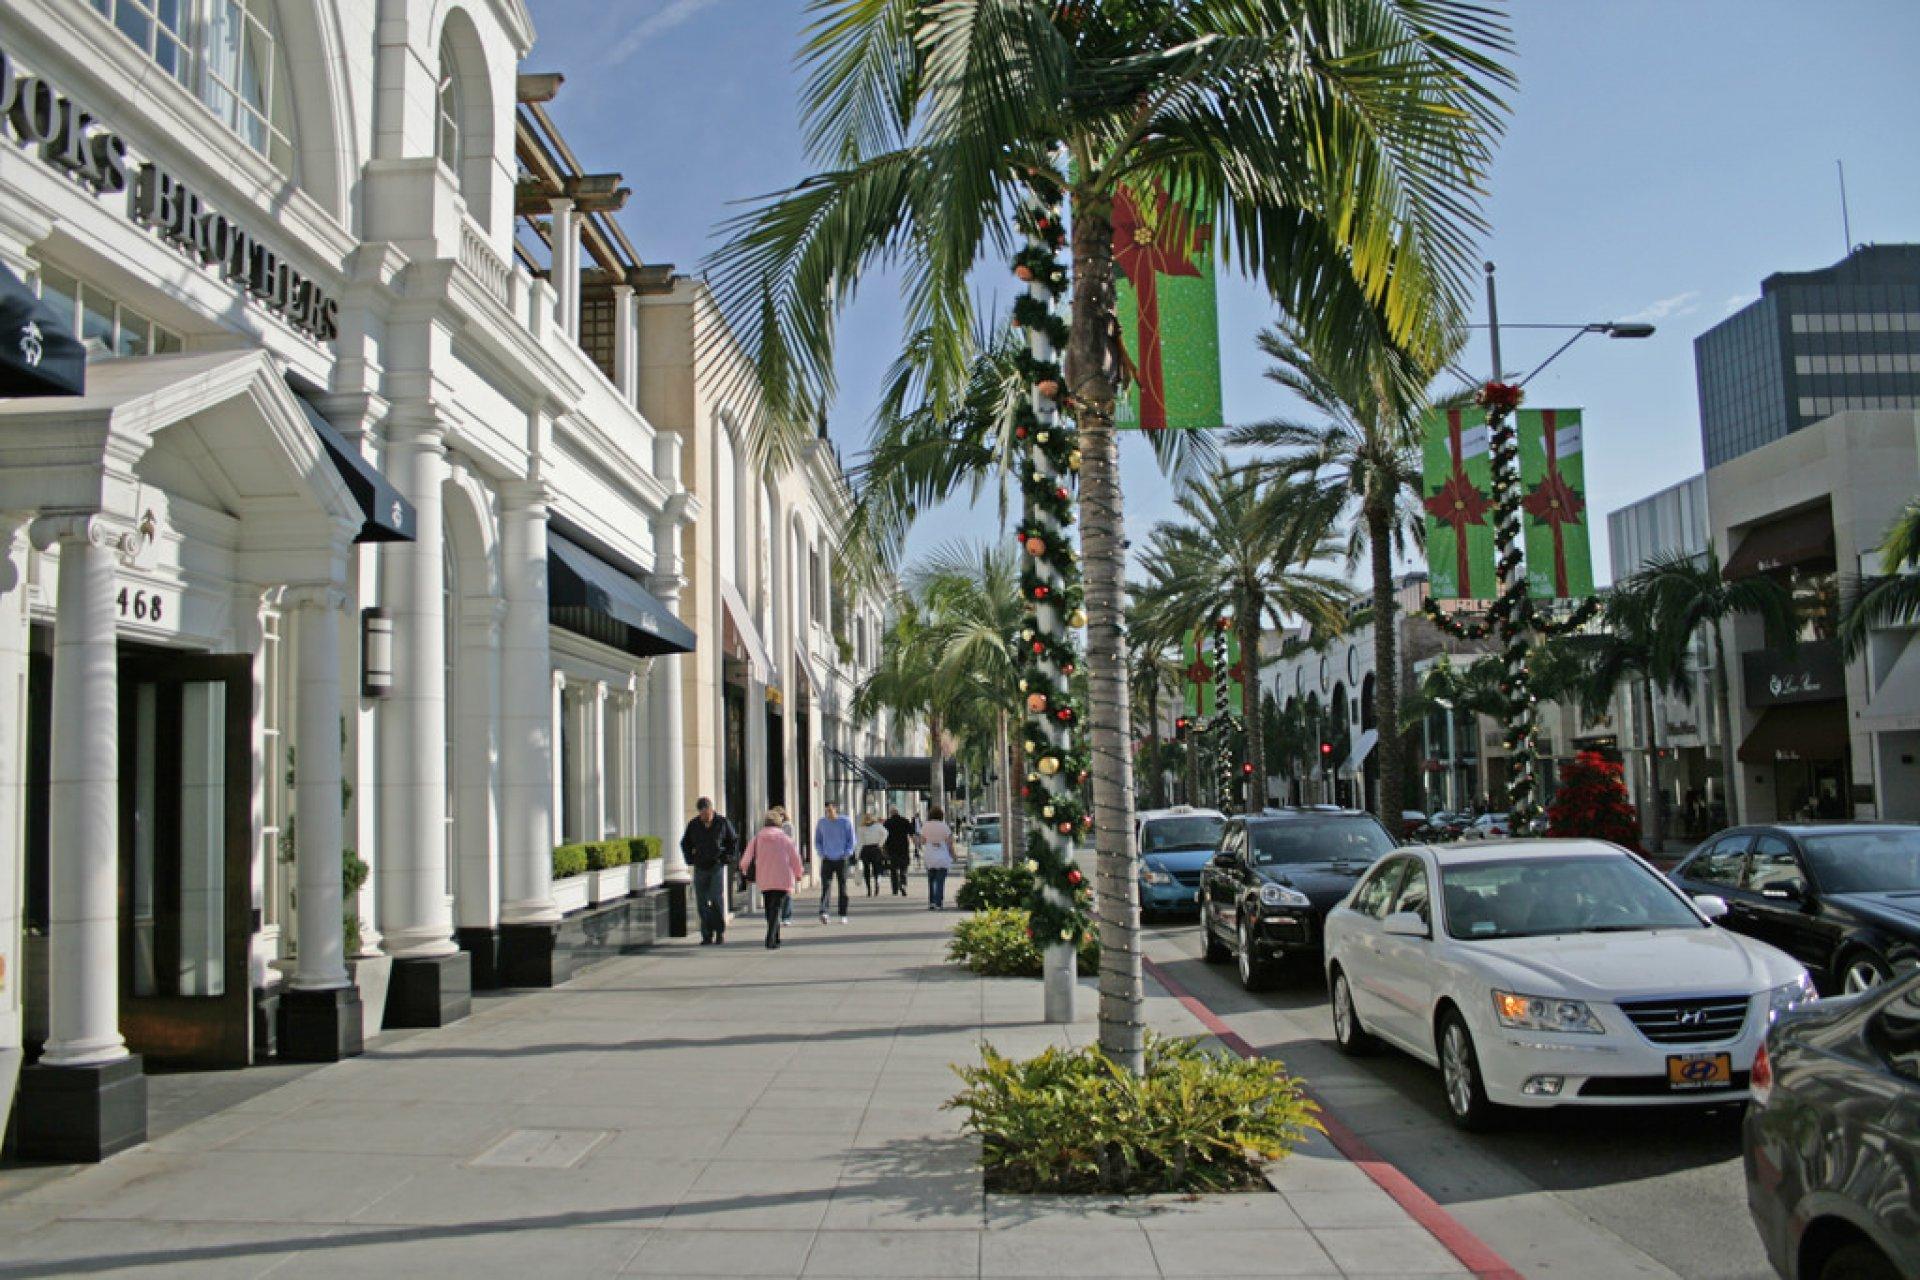 продуктов, бутики в лос анджелесе картинки швы выполняли, отсчитывая